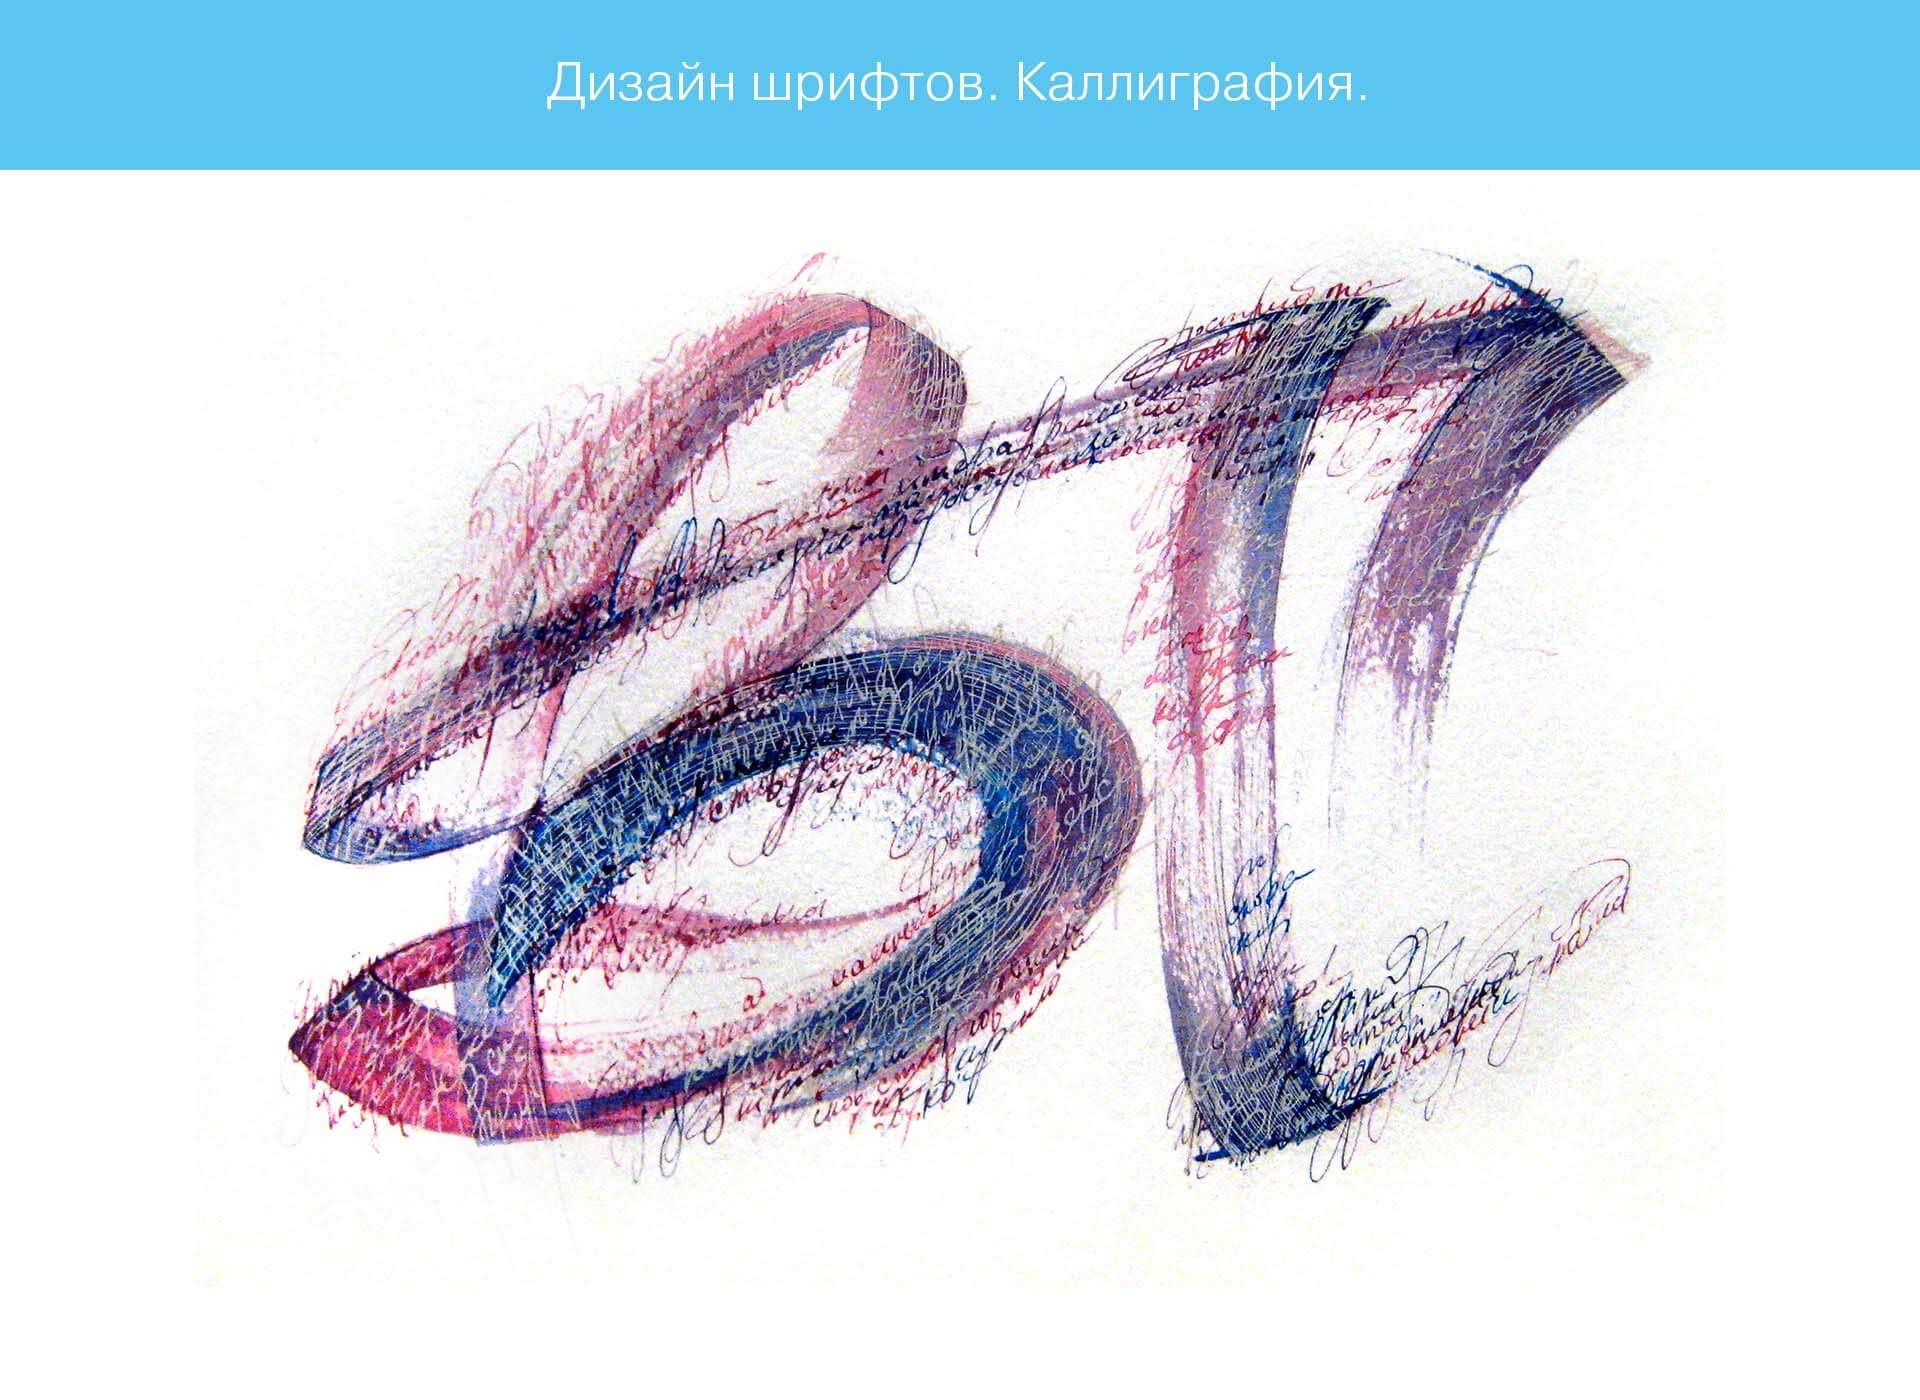 prokochuk_irina_font-design_calligraphy_2